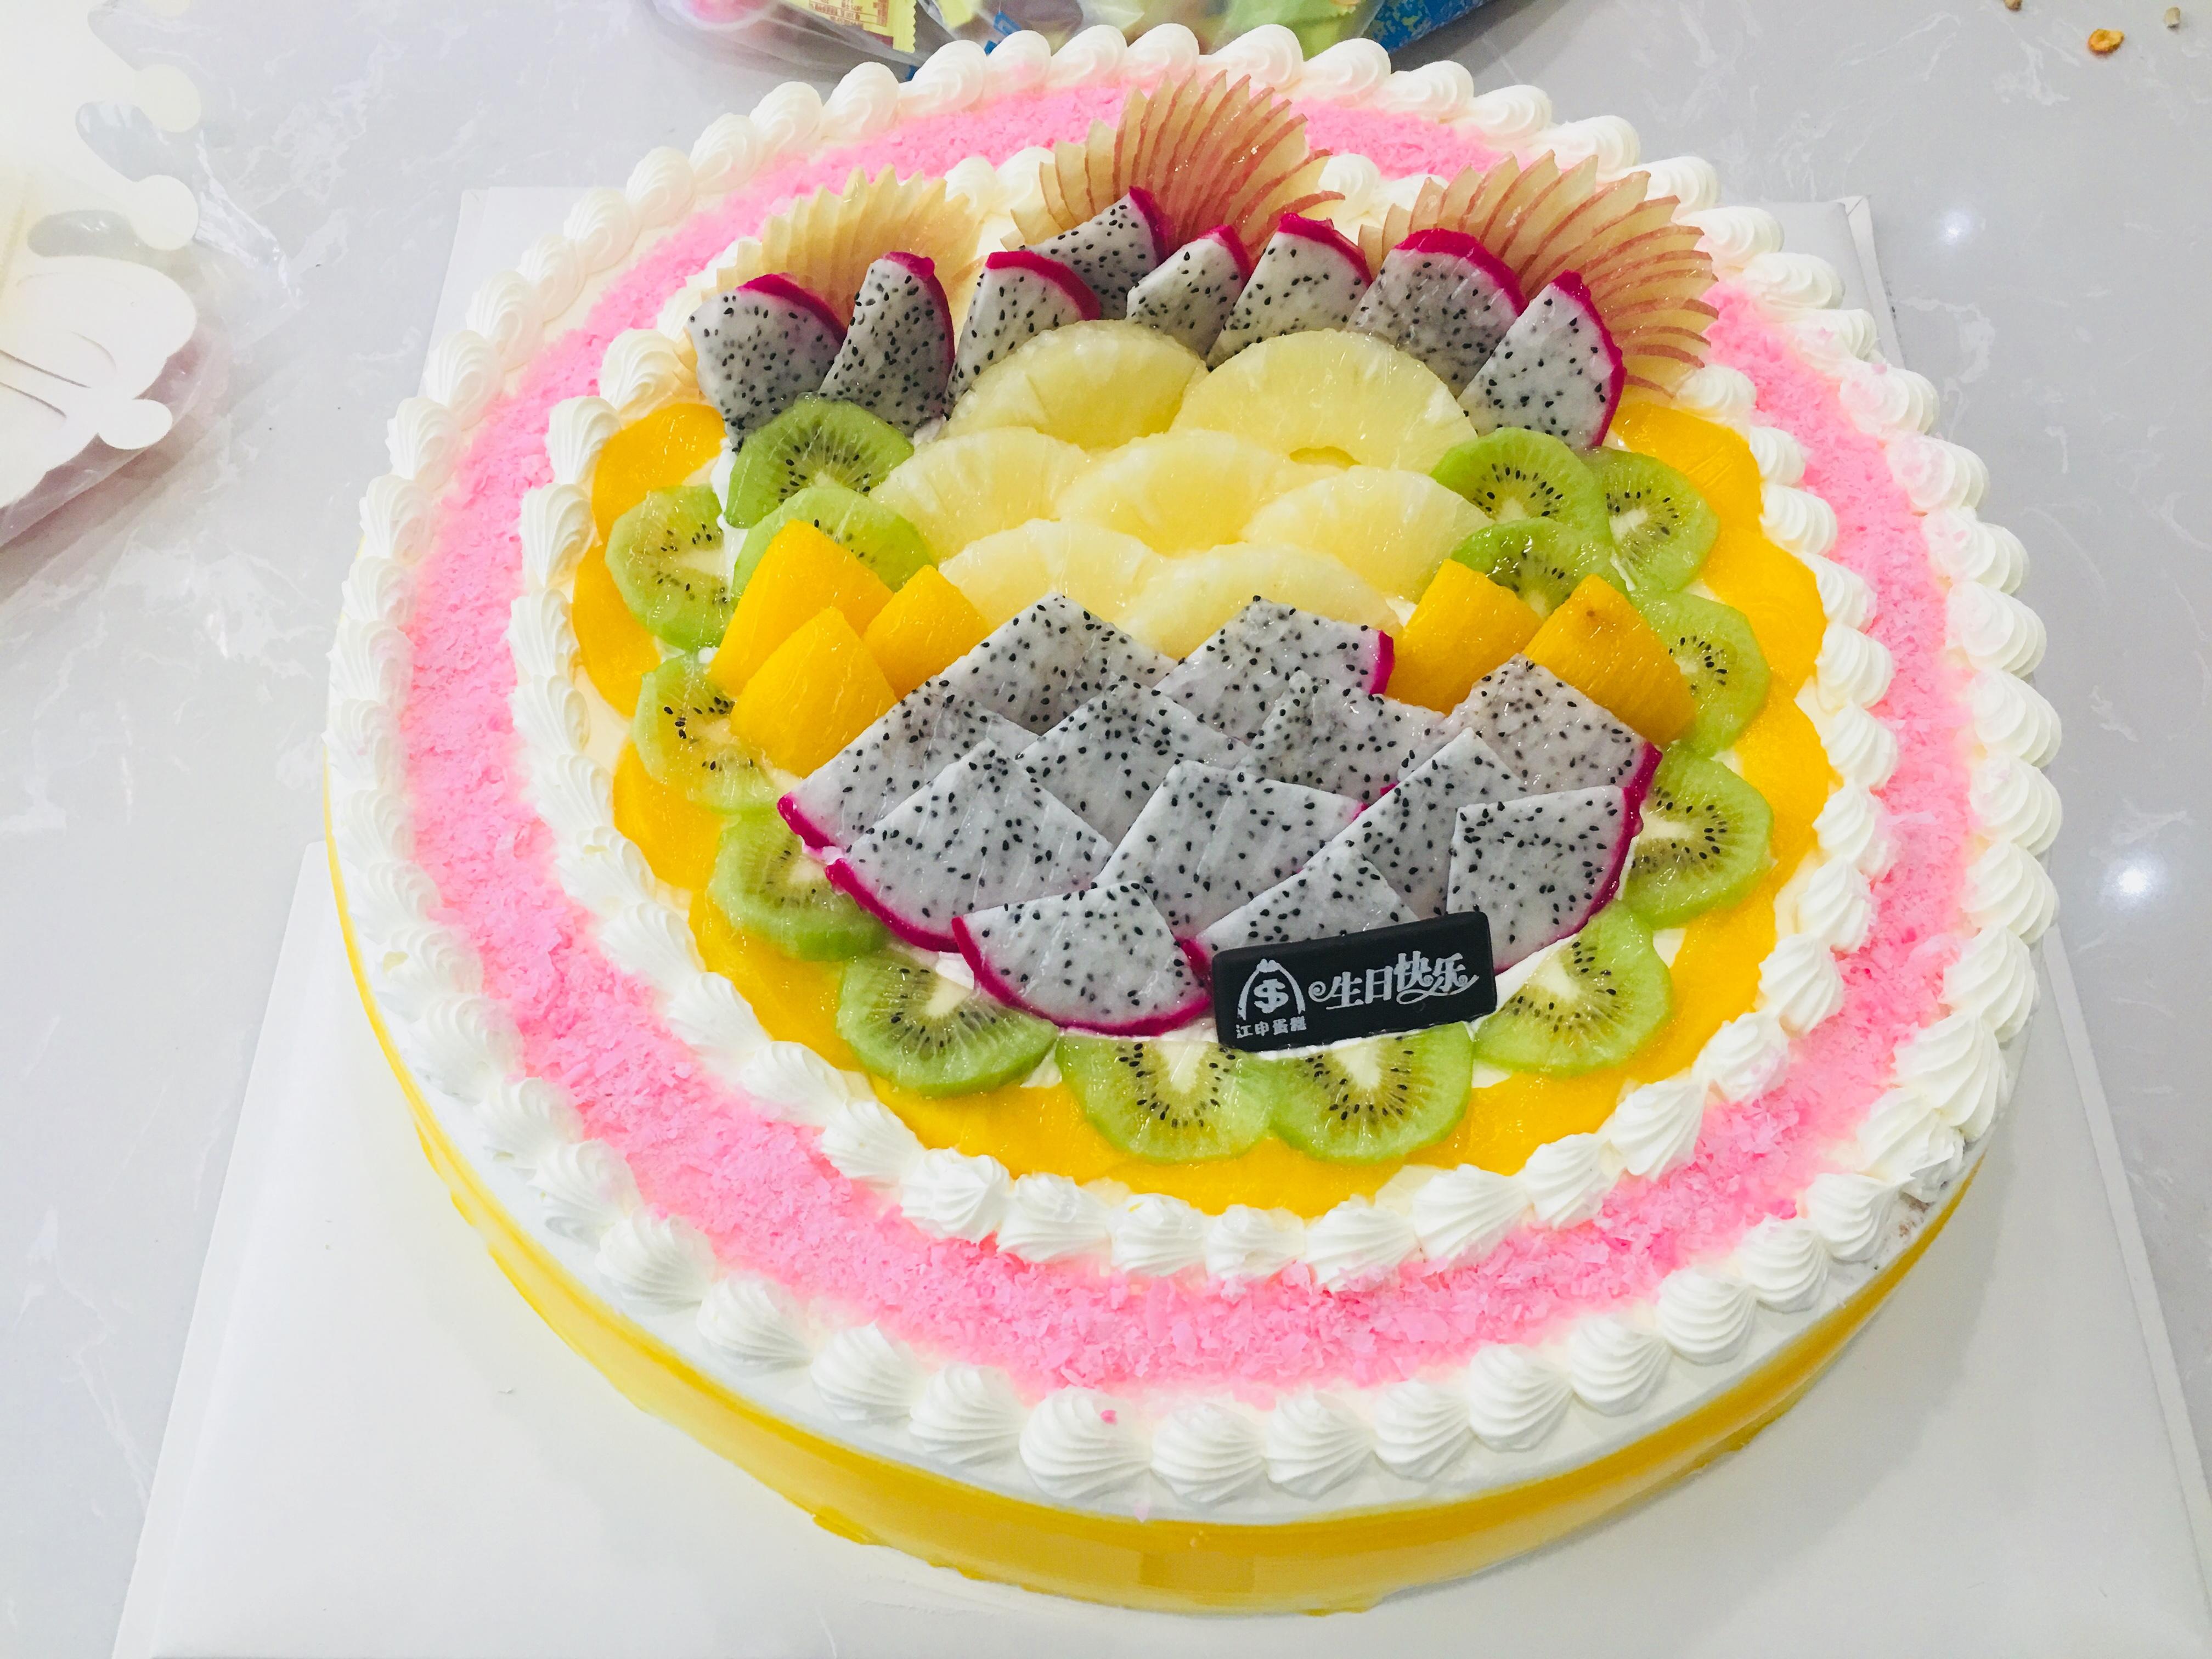 看看这个漂亮的大蛋糕,还有一袋子的零食和水果,是不是看起来都很幸福